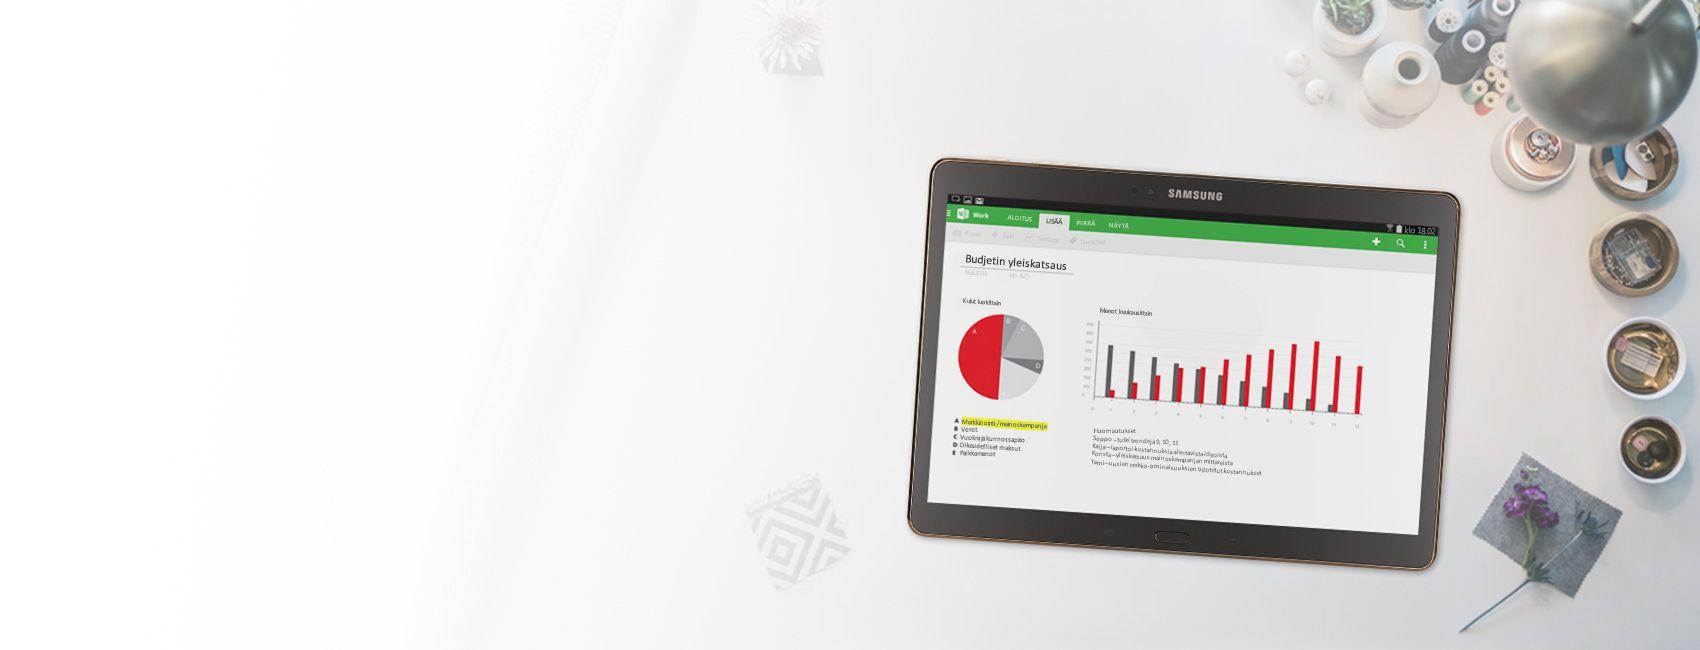 OneNote-muistikirja, jossa näkyy budjetin yleiskatsauskaavioita tabletilla